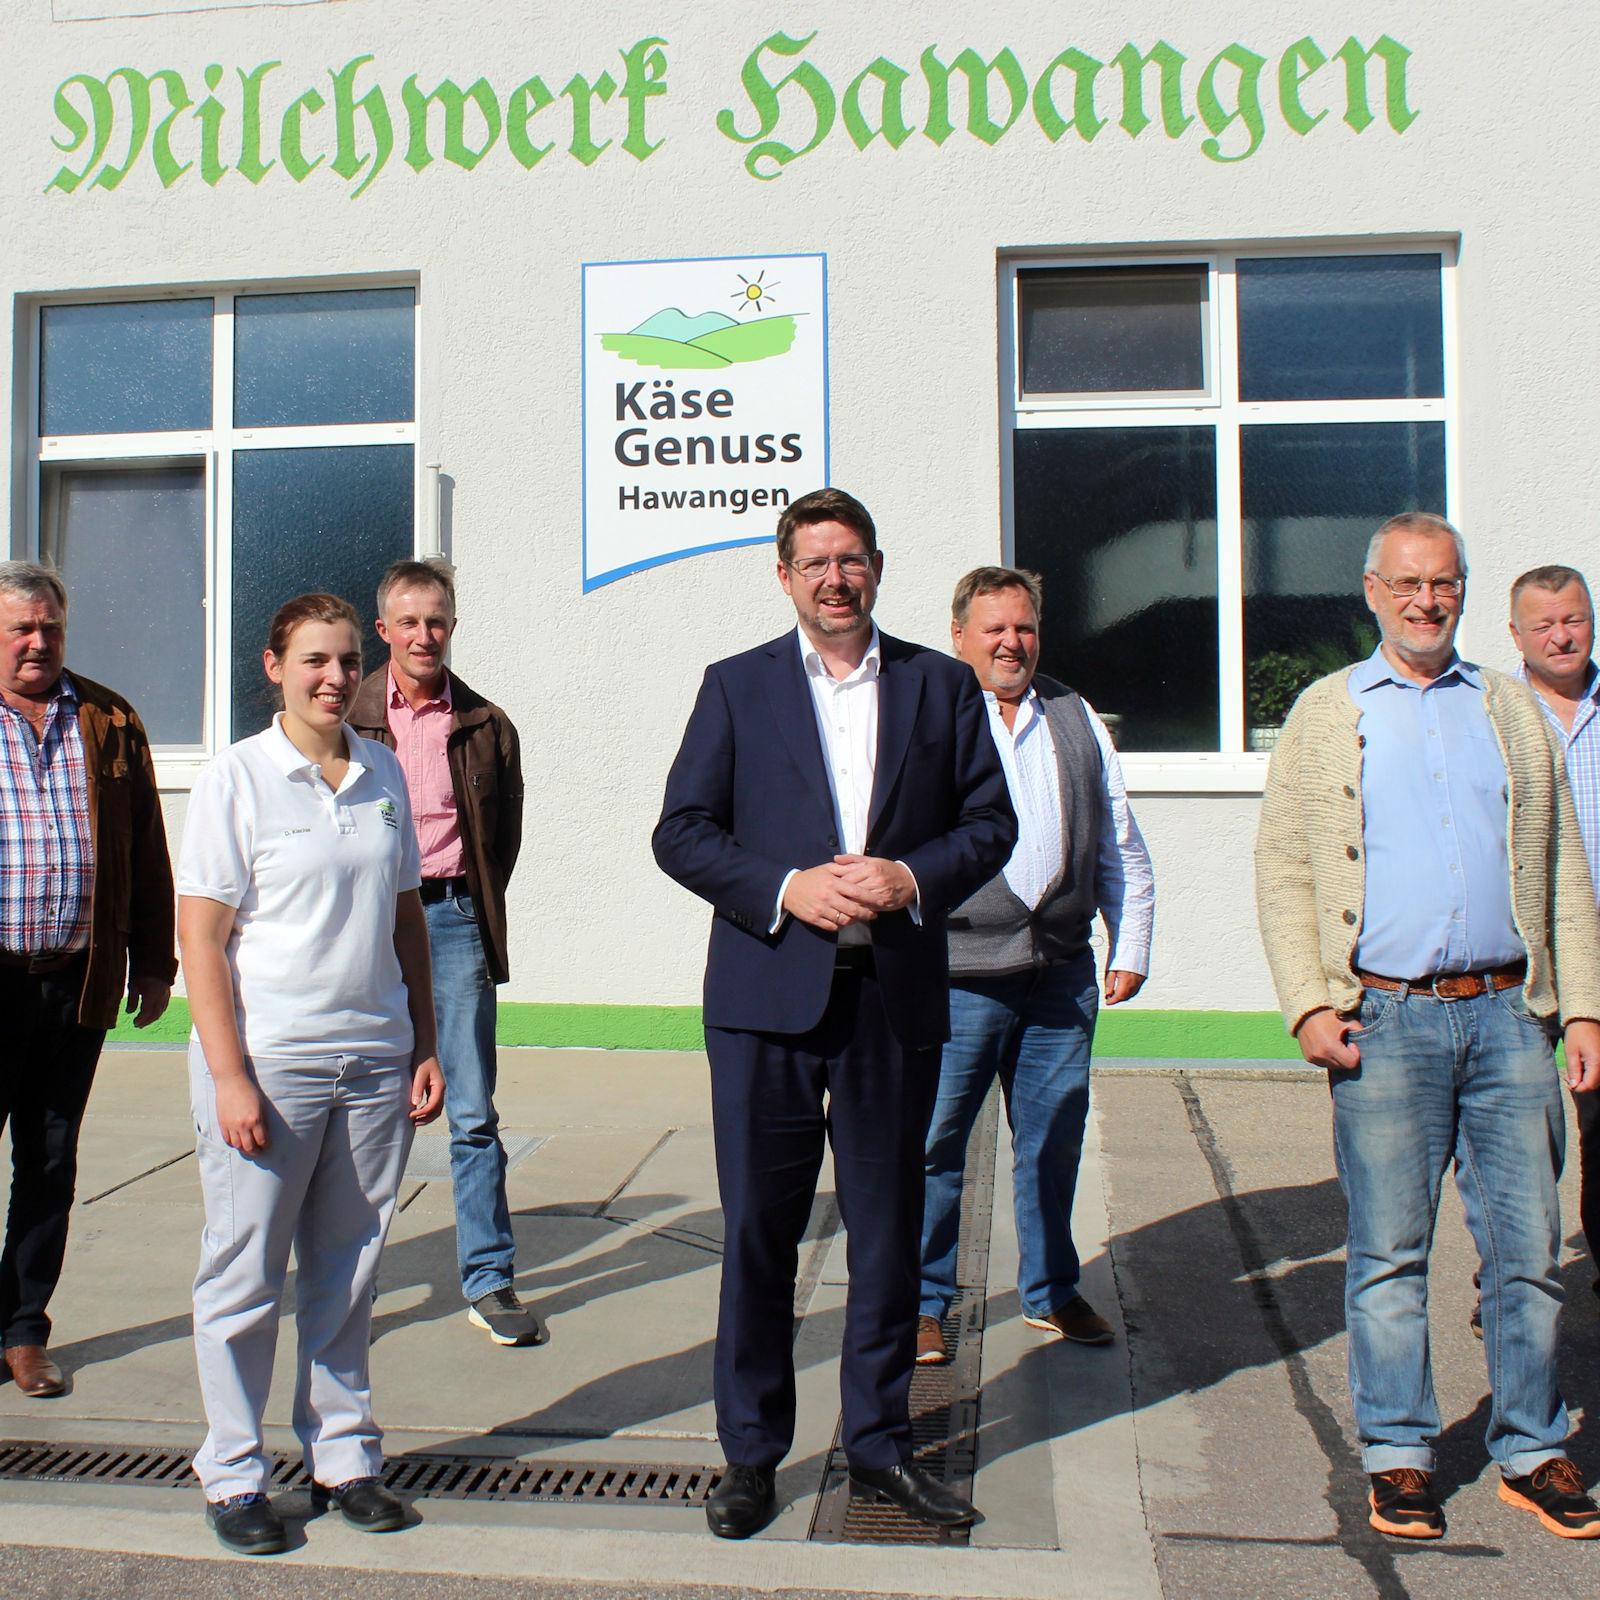 An der Gesprächsrunde nahmen teil (von links): Martin Schorer (1. stv. Vorstandsvorsitzender Allgäu Milch Käse eG), Dagmar Kiechle (Betriebsleitung Käse Genuss Hawangen), Walter Rehklau (2. stv. Vorstandsvorsitzender Allgäu Milch Käse eG), Bunde